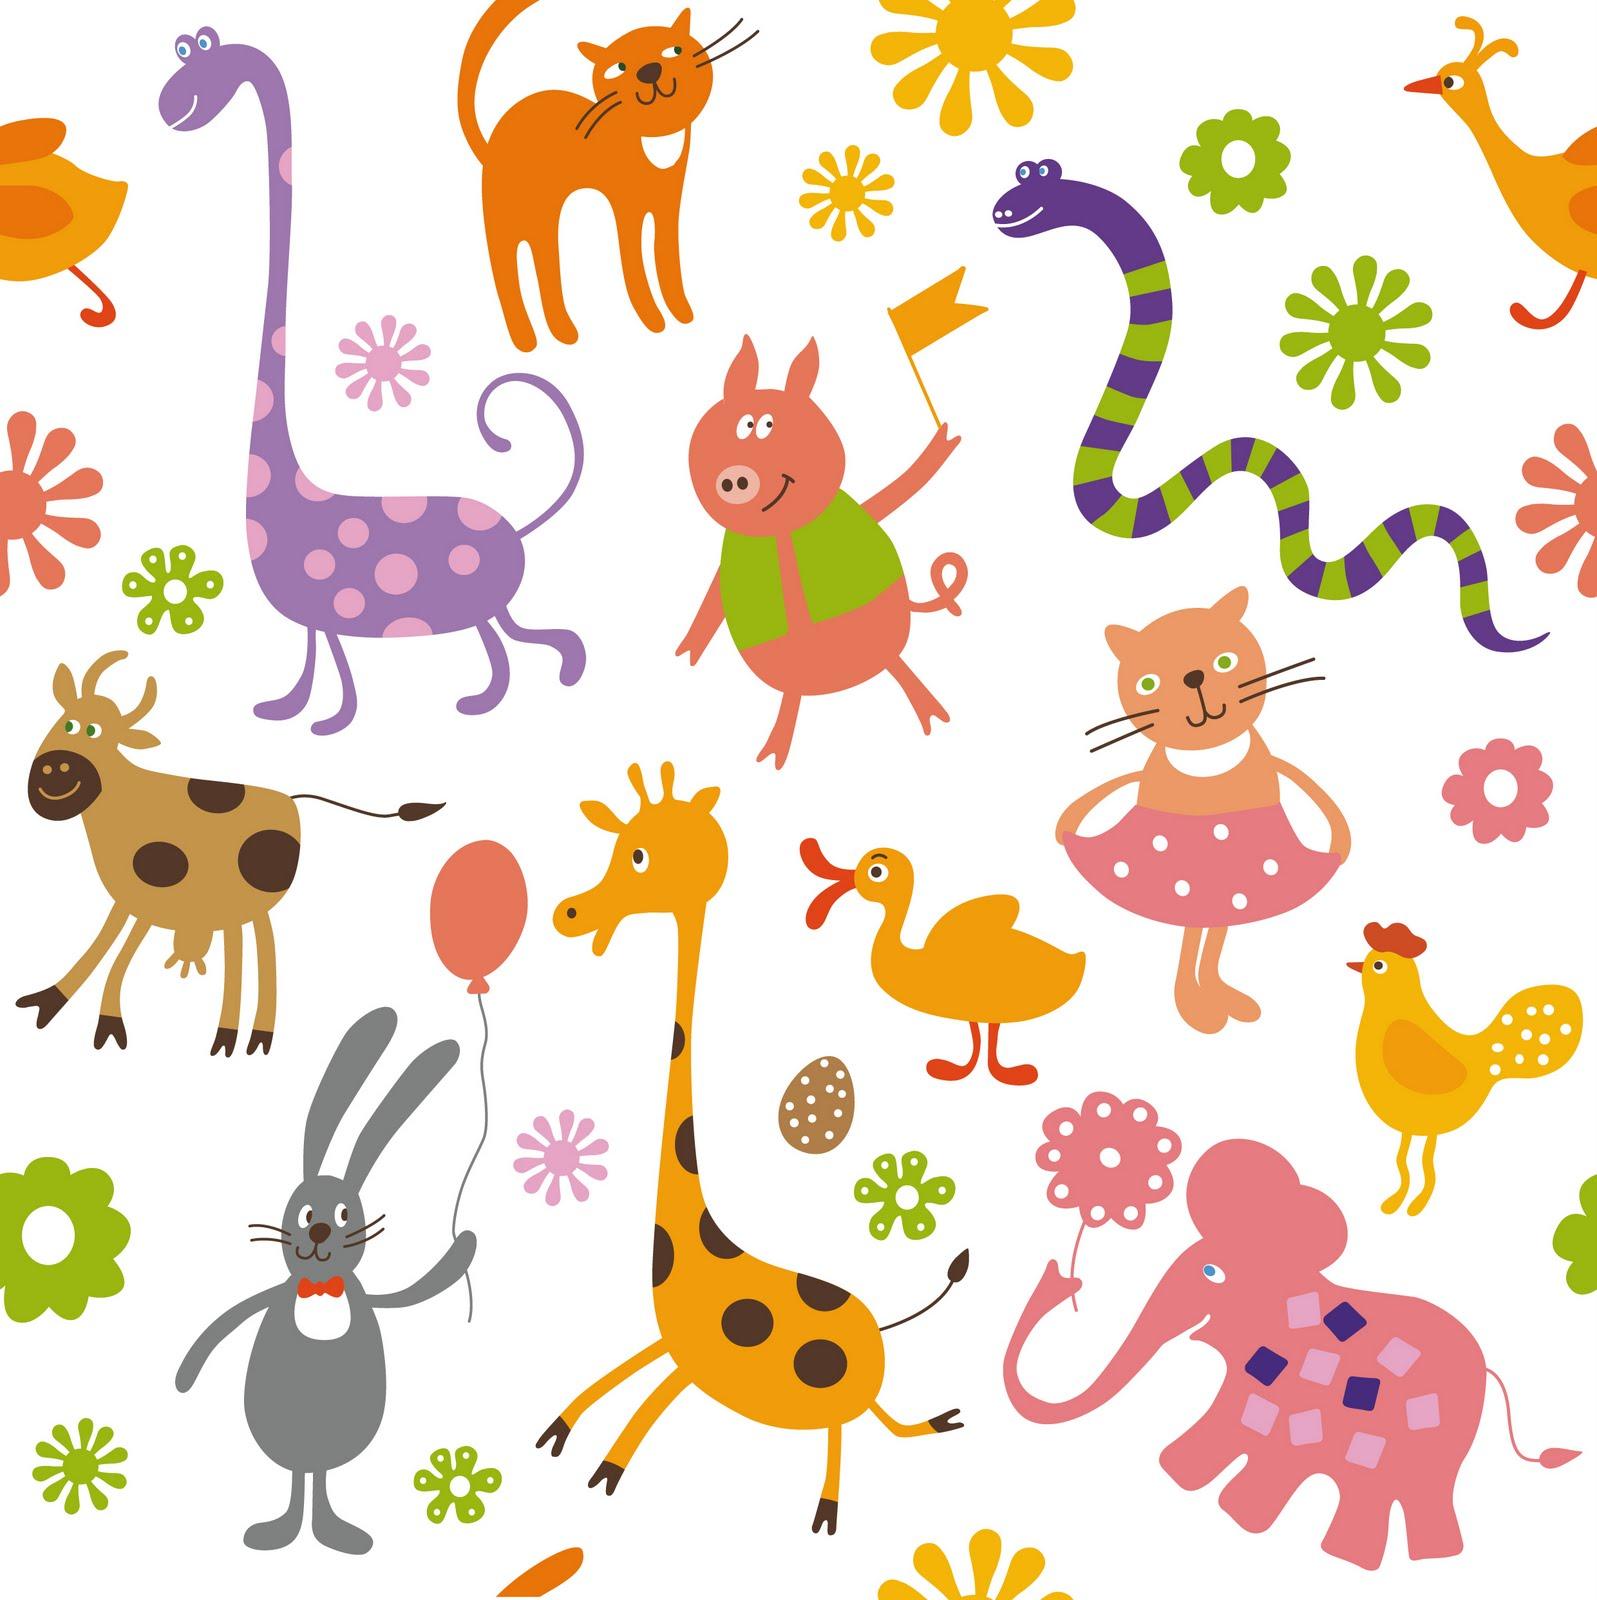 Fondos infantiles fondos de pantalla y mucho m s p gina 2 - Fotos de animales infantiles ...